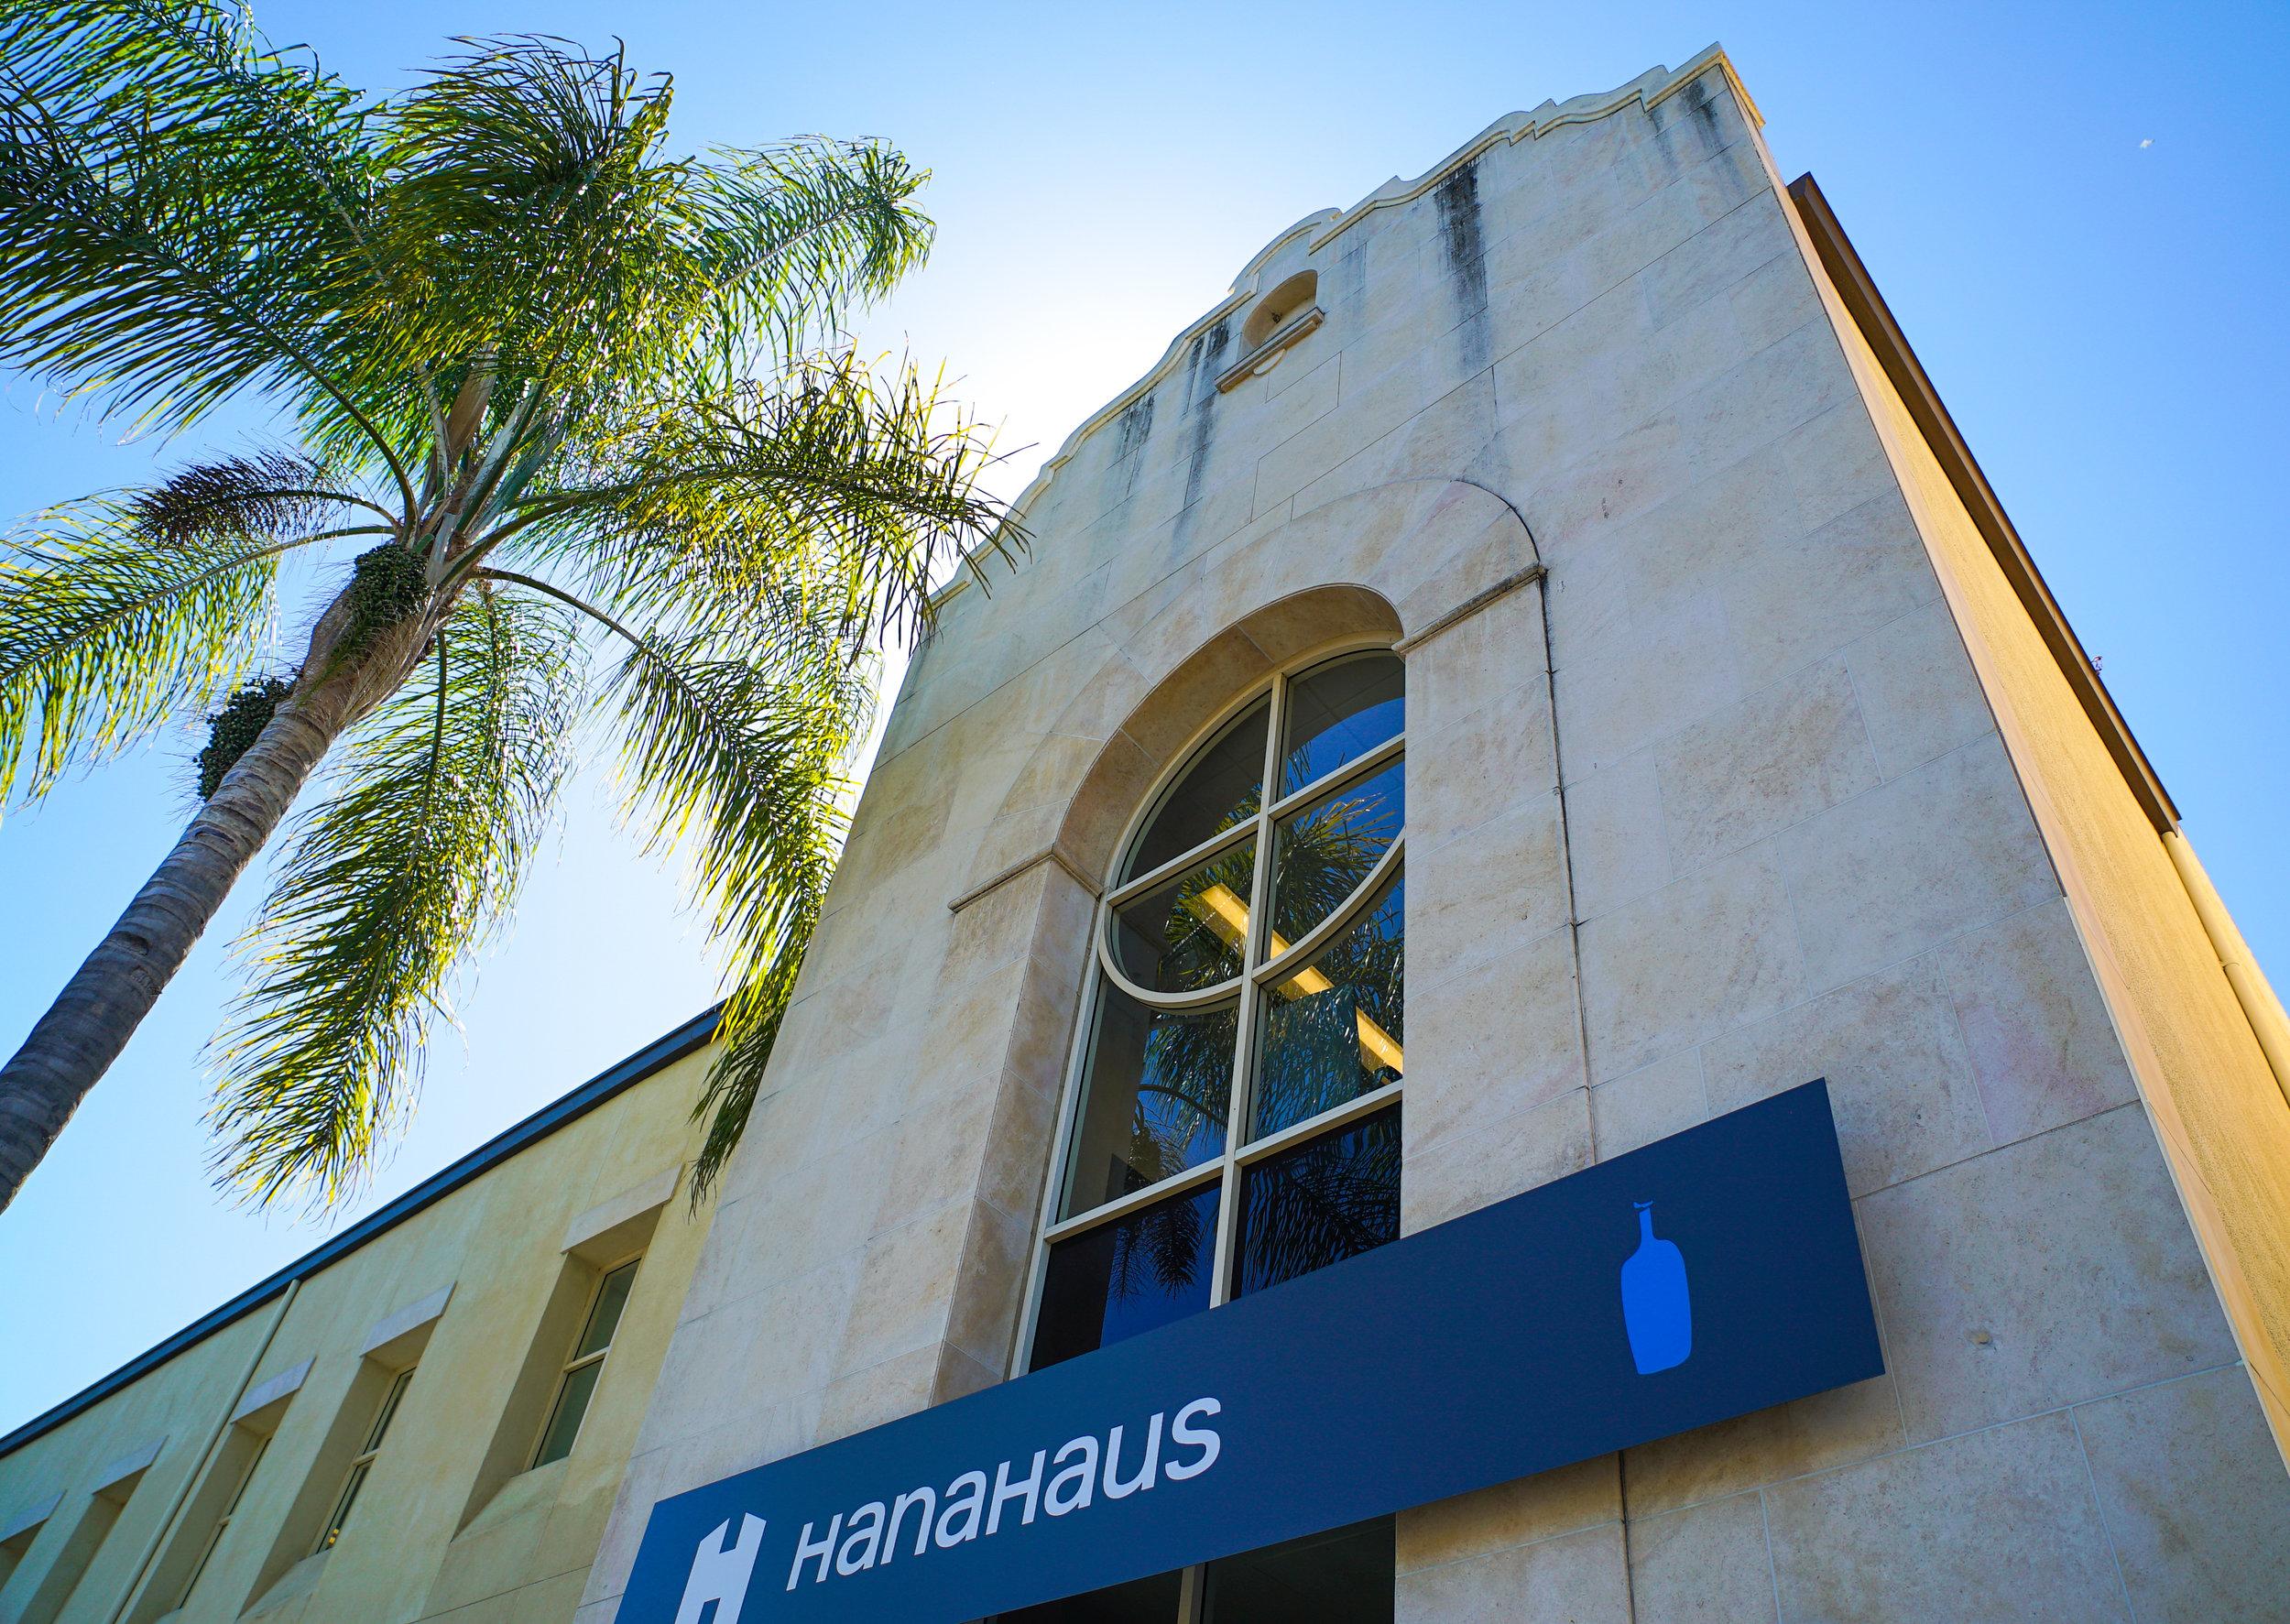 Hanahaus-11.jpg